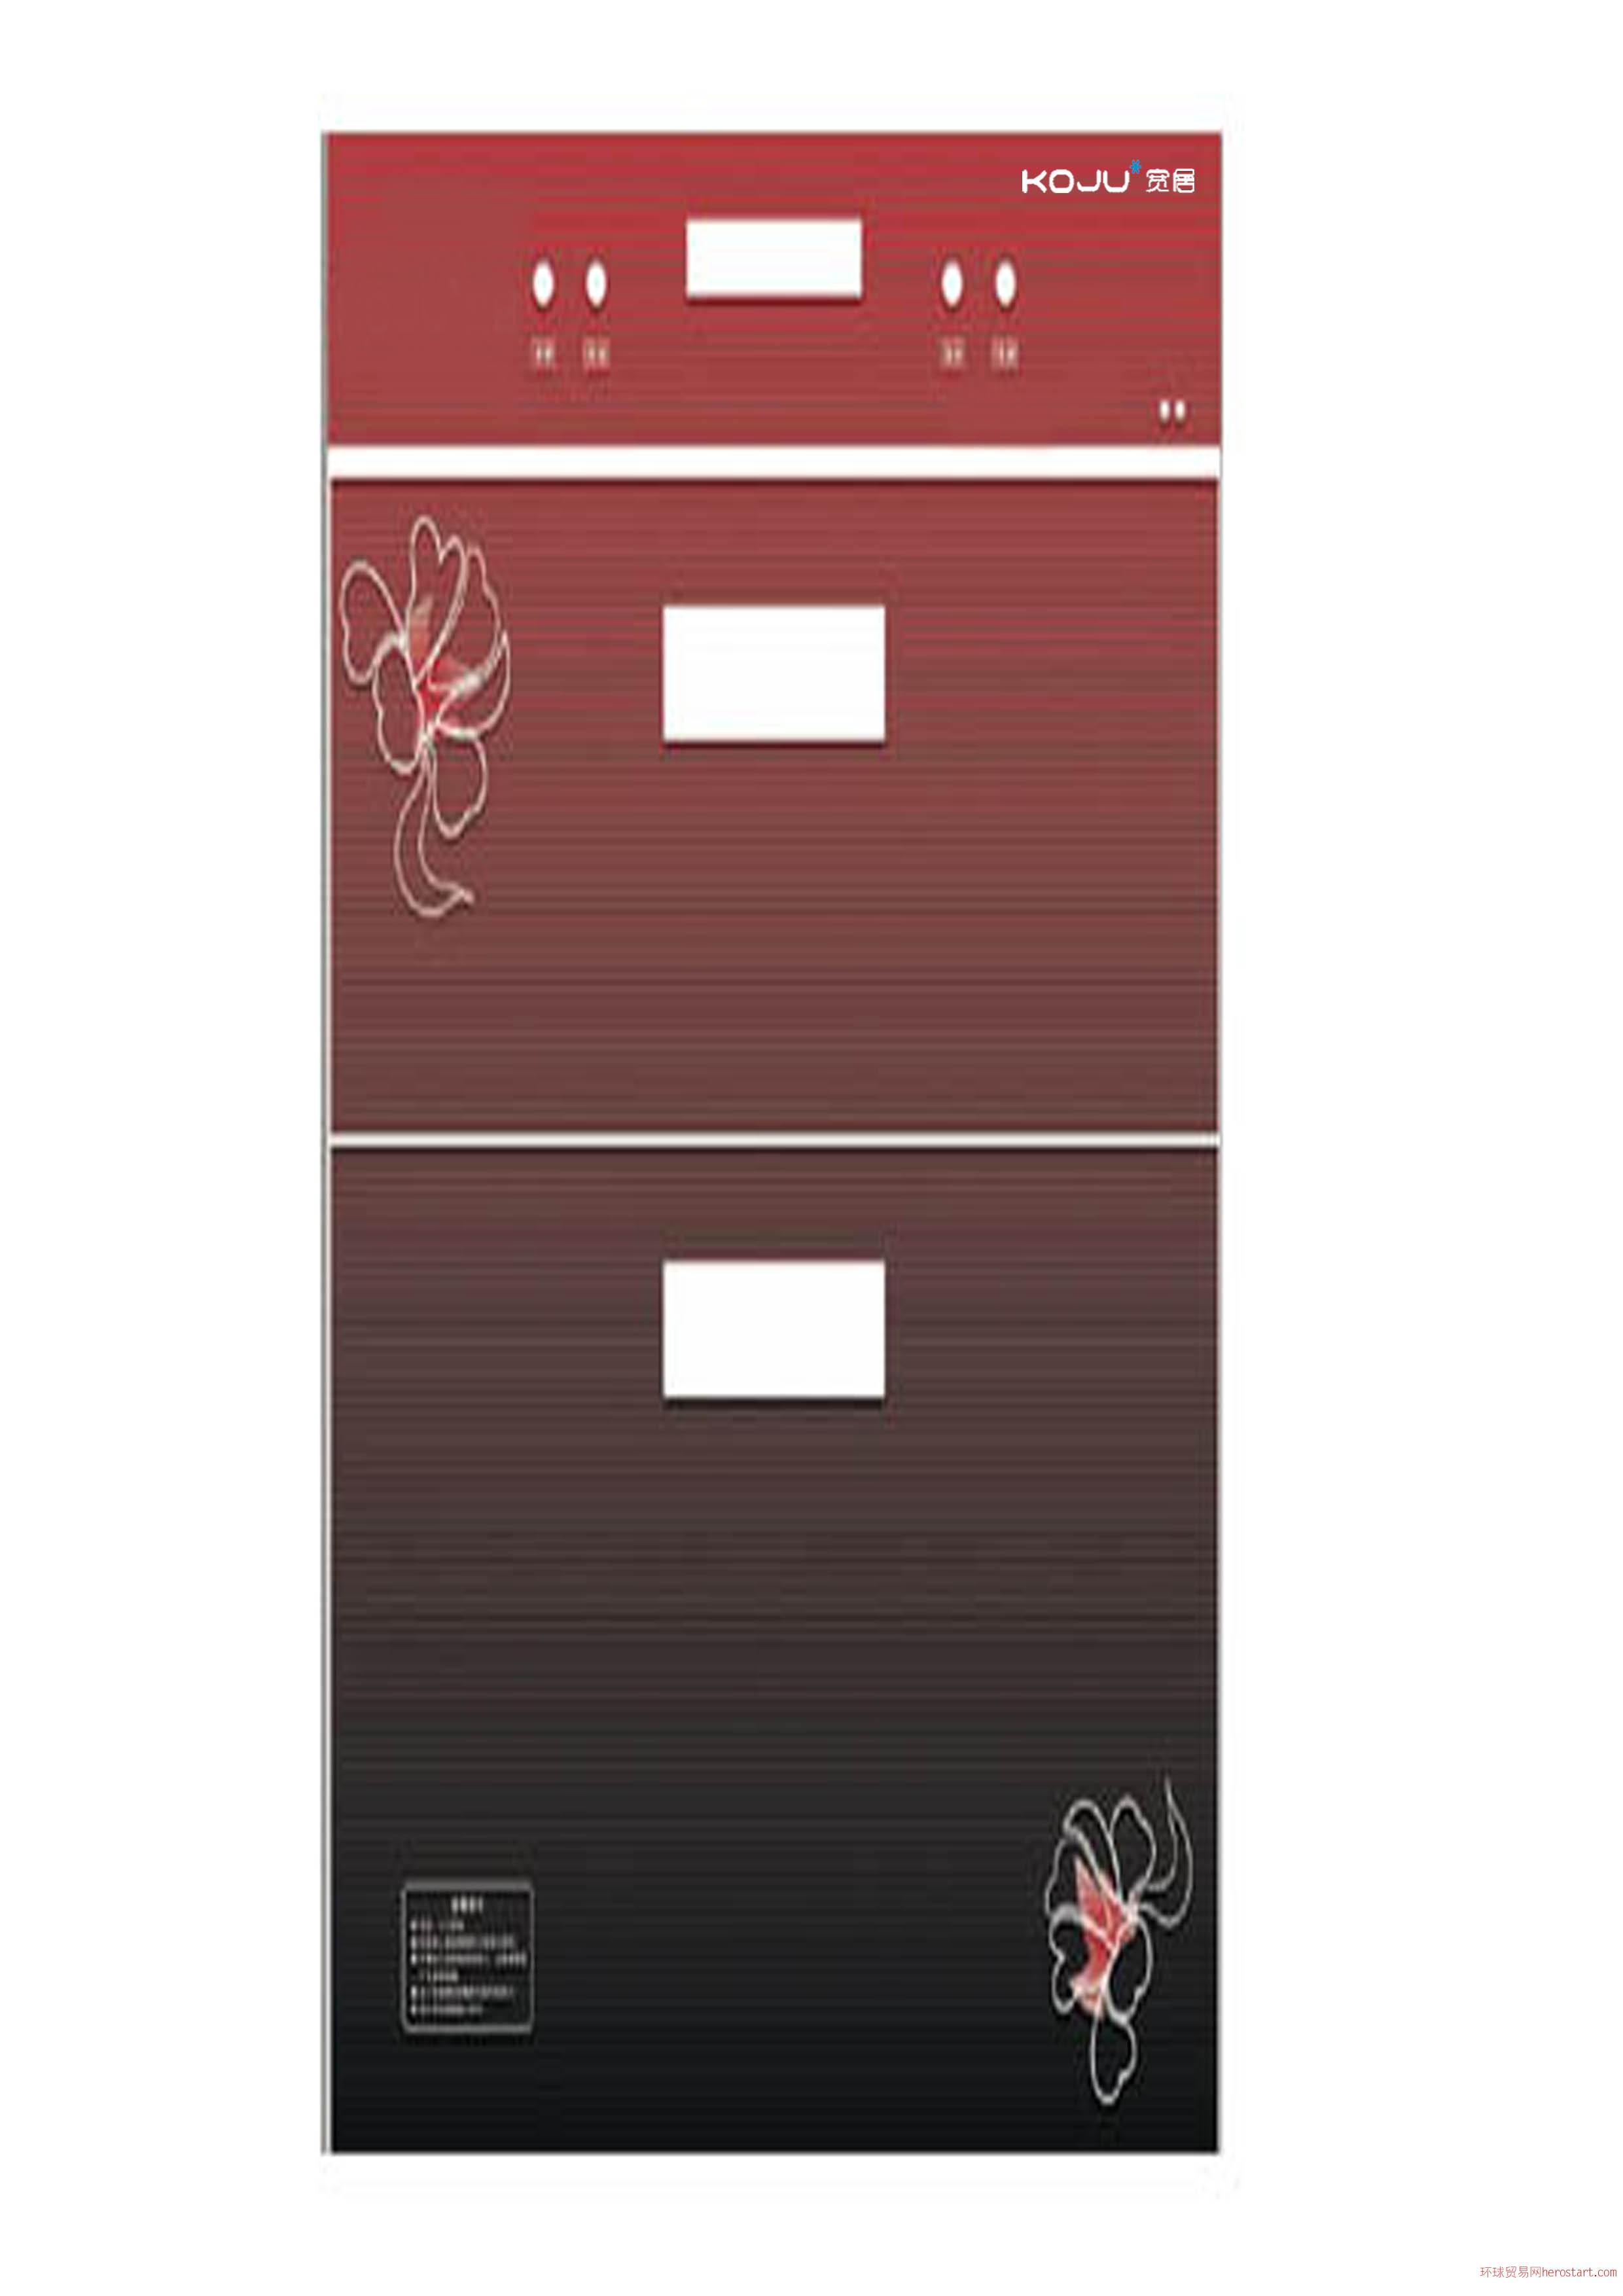 宽居电器-红色钢化玻璃面板内嵌拉手消毒柜